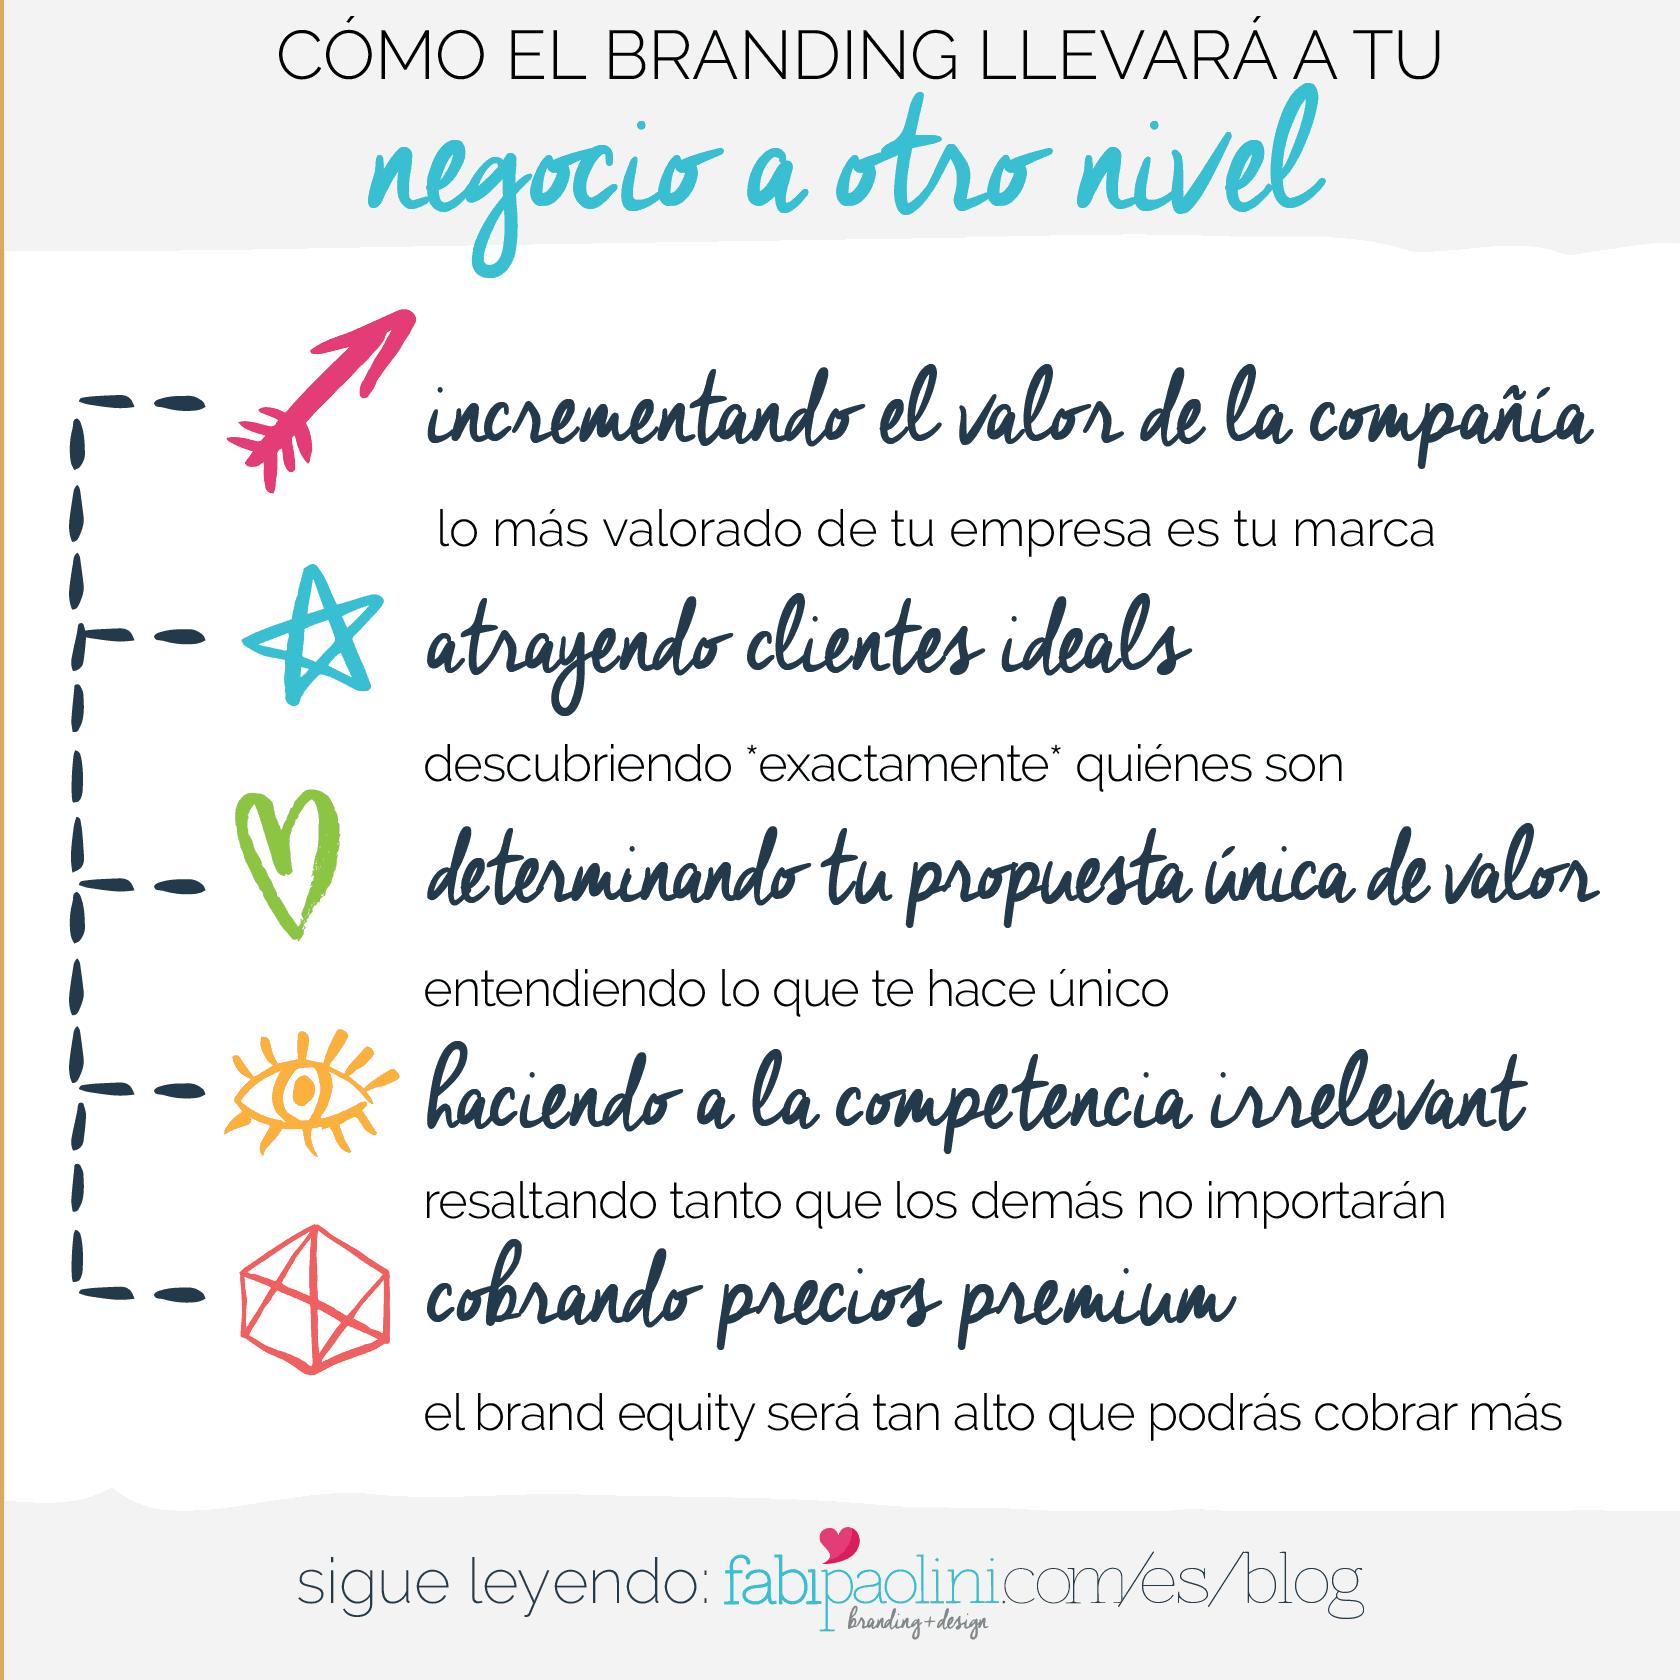 Cómo el branding llevará a tu negocio al próximo nivel. Por qué las compañías grandes están invirtiendo en branding y tú deberías también